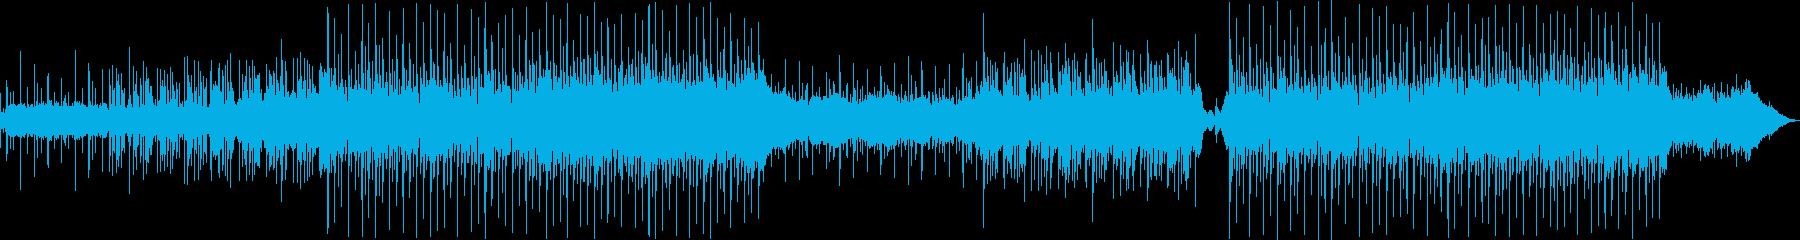 動画 感情的 静か エスニック 期...の再生済みの波形